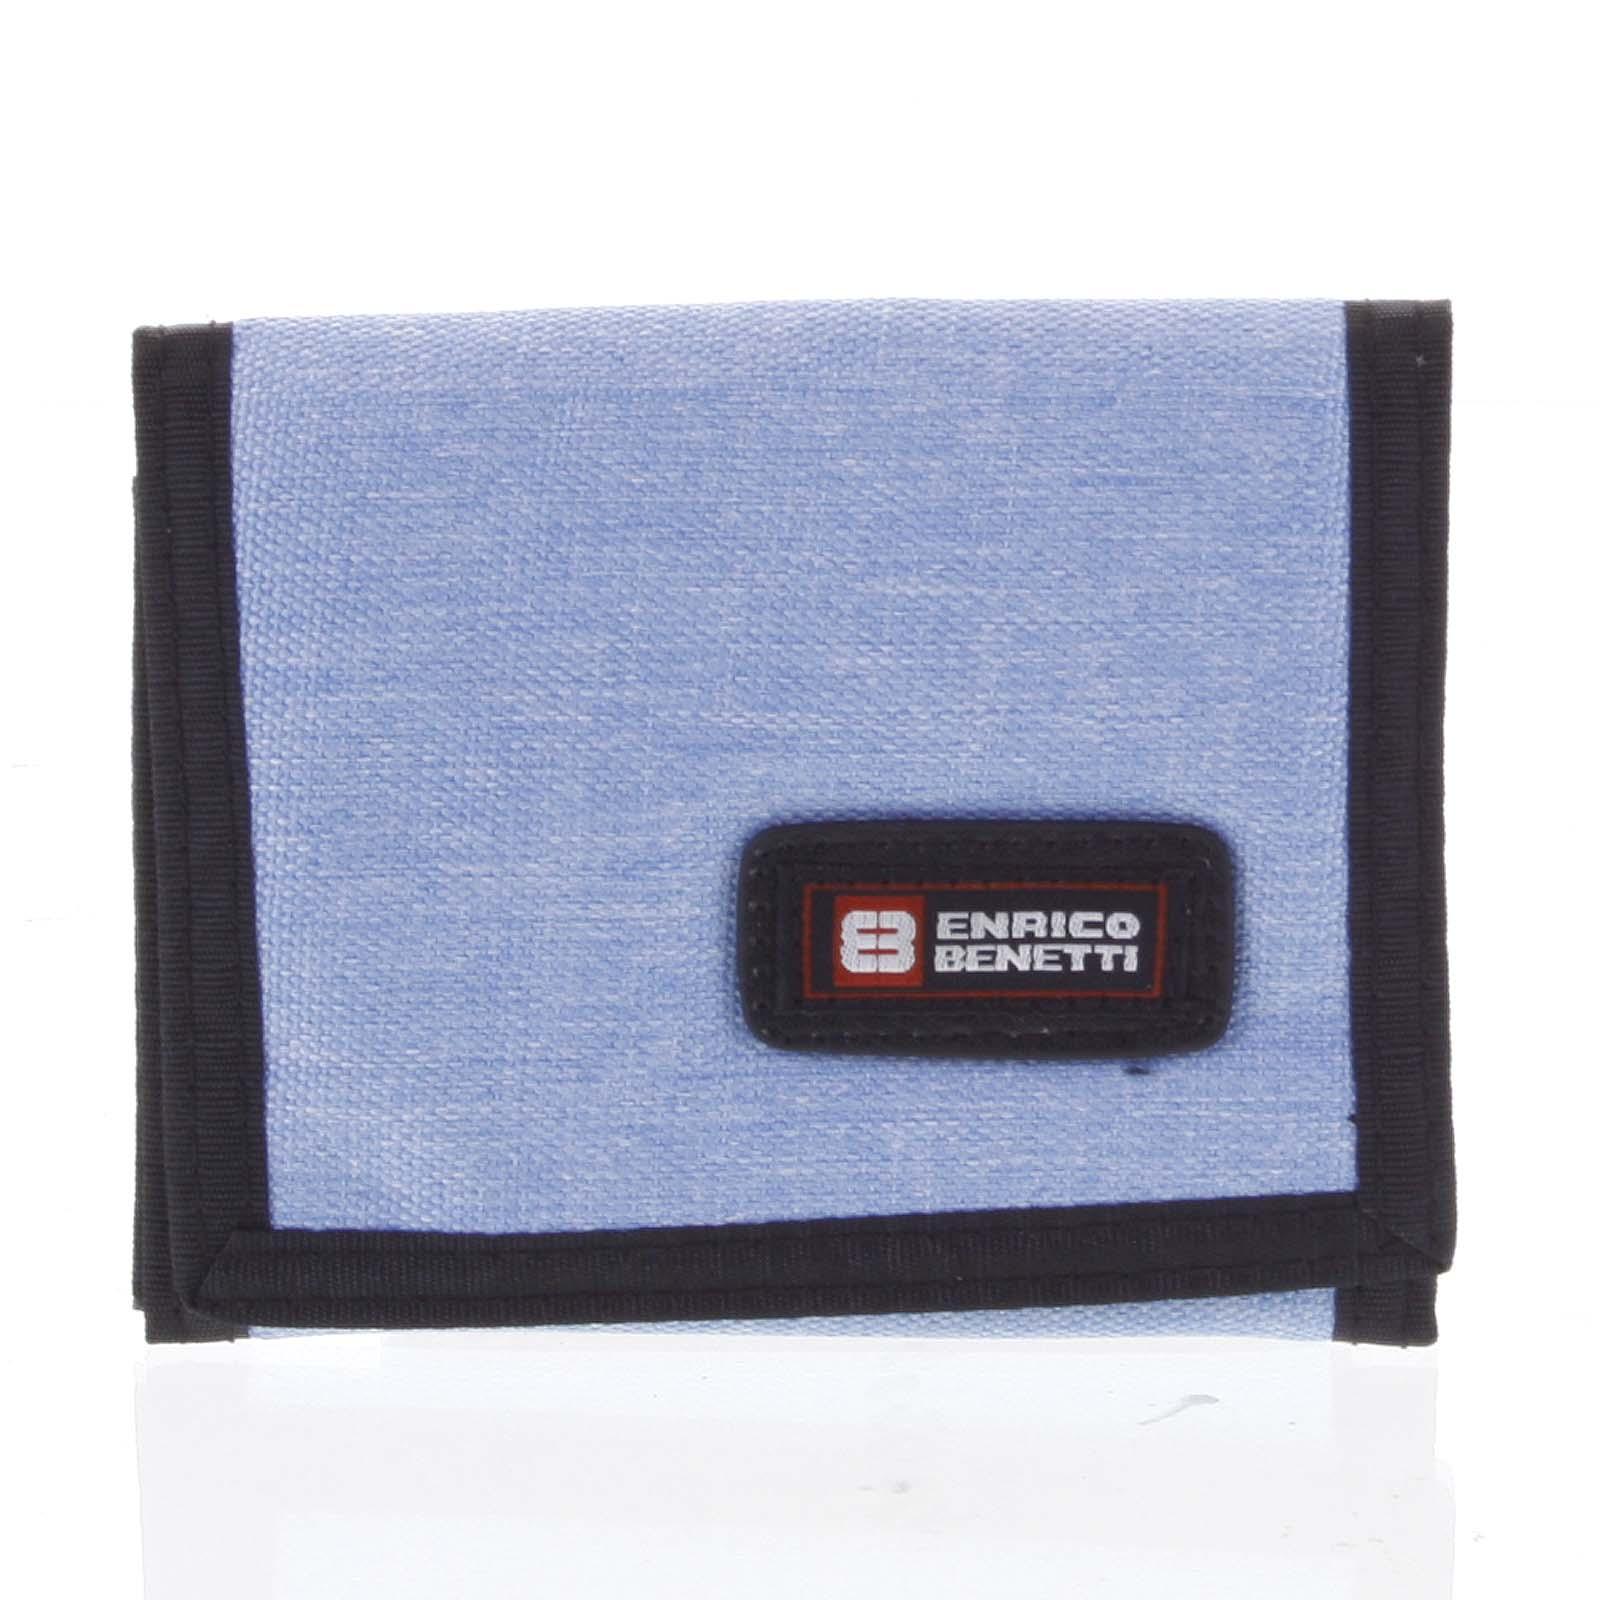 Peněženka látková světle modrá - Enrico Benetti 4600